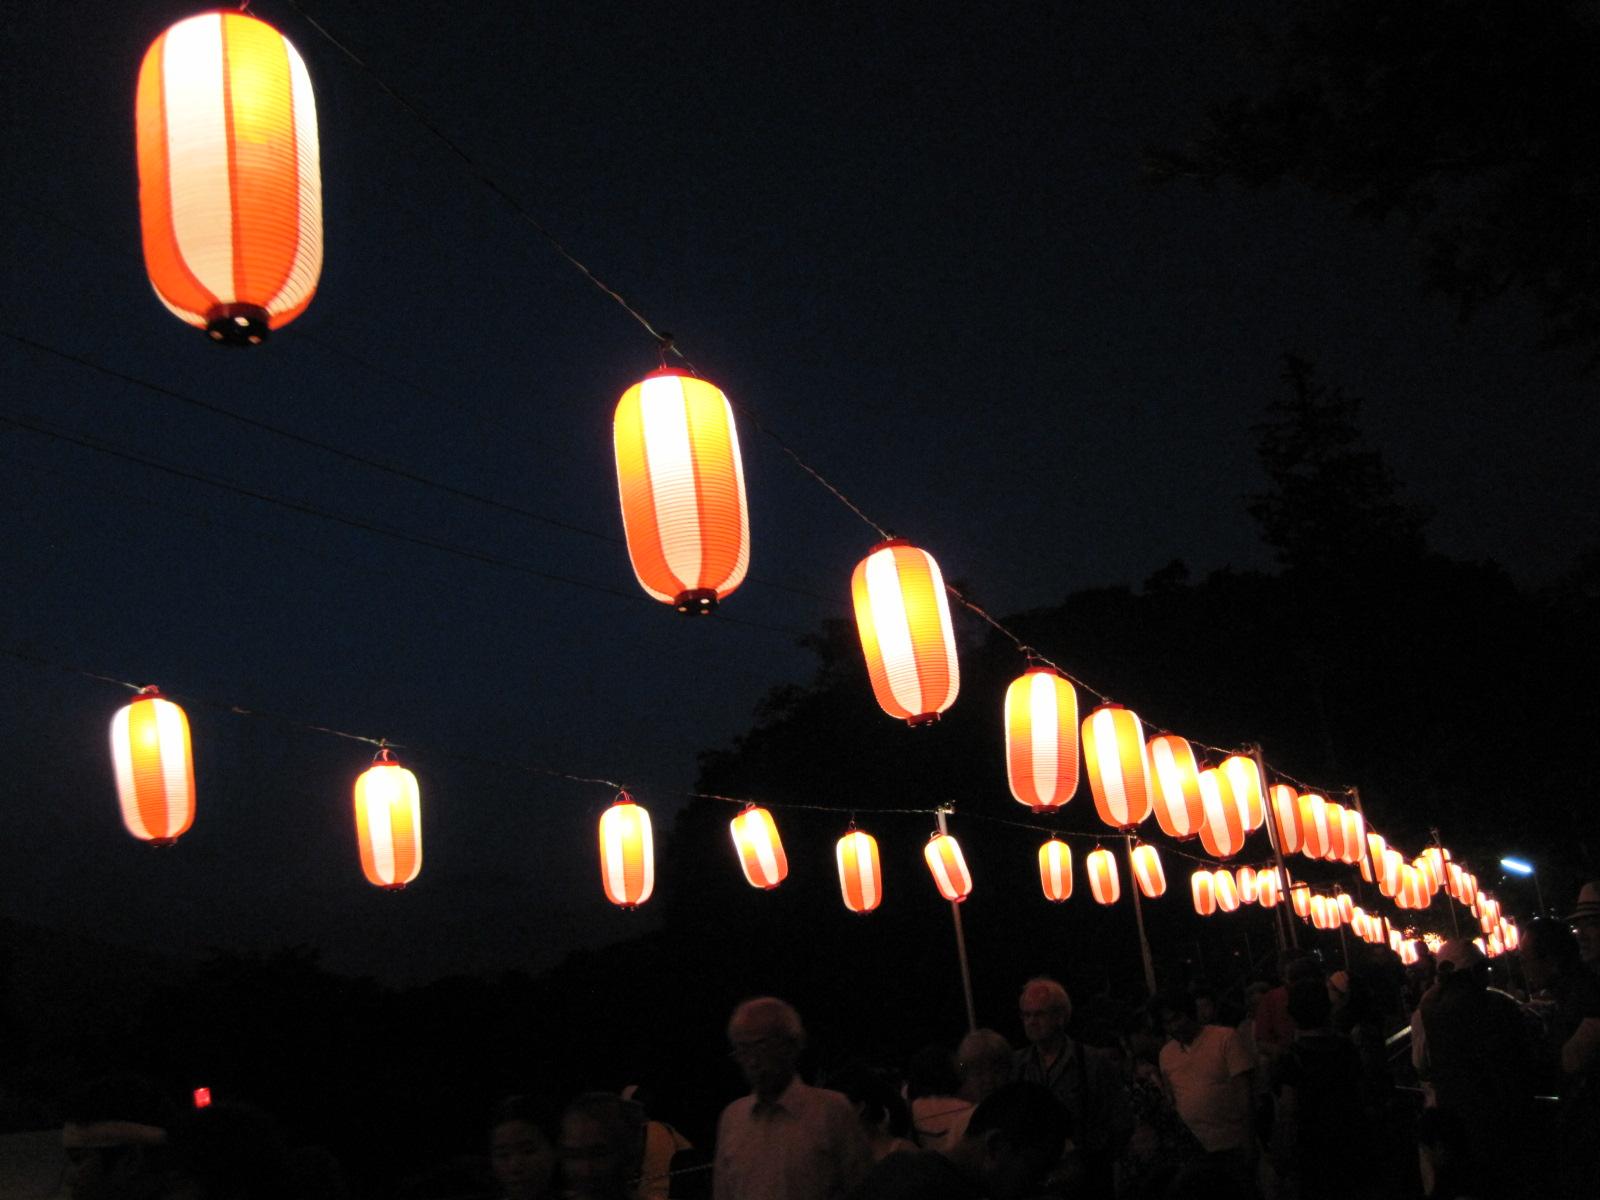 長倉神社の花火&アウトレットの花火_f0236260_14342424.jpg